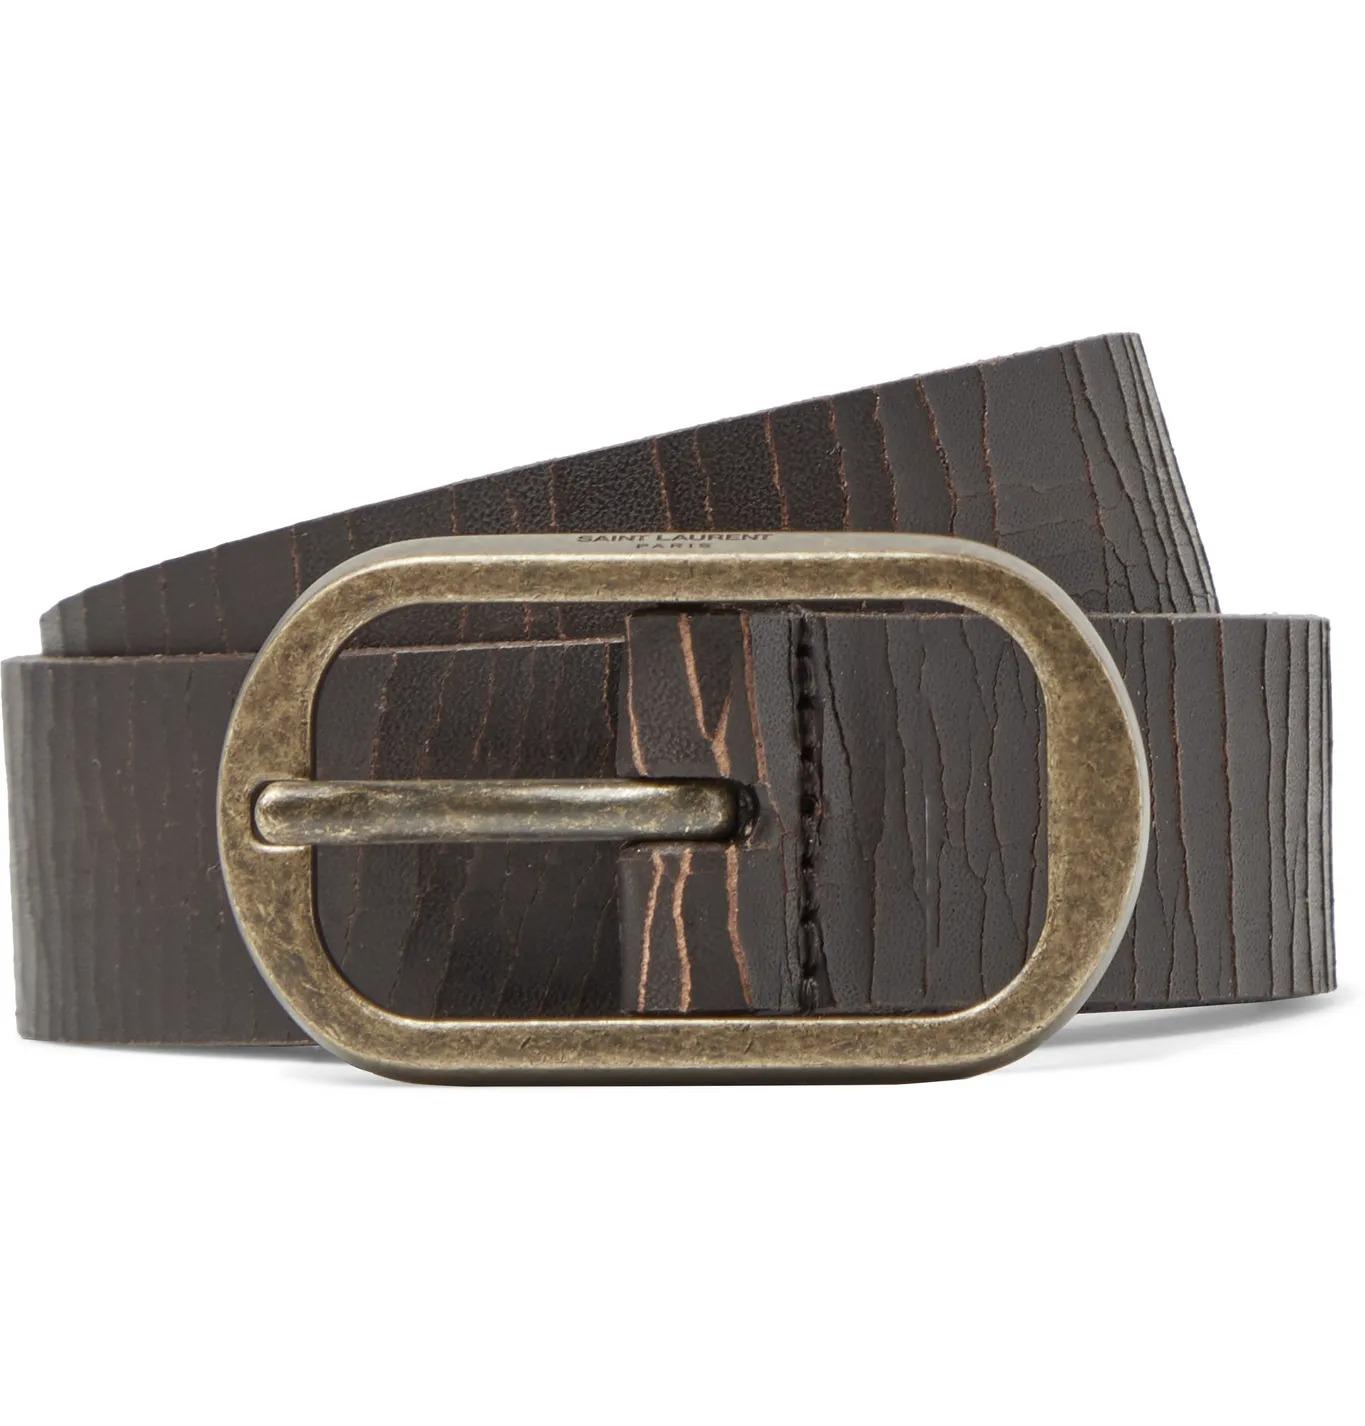 distressed leather belt for men